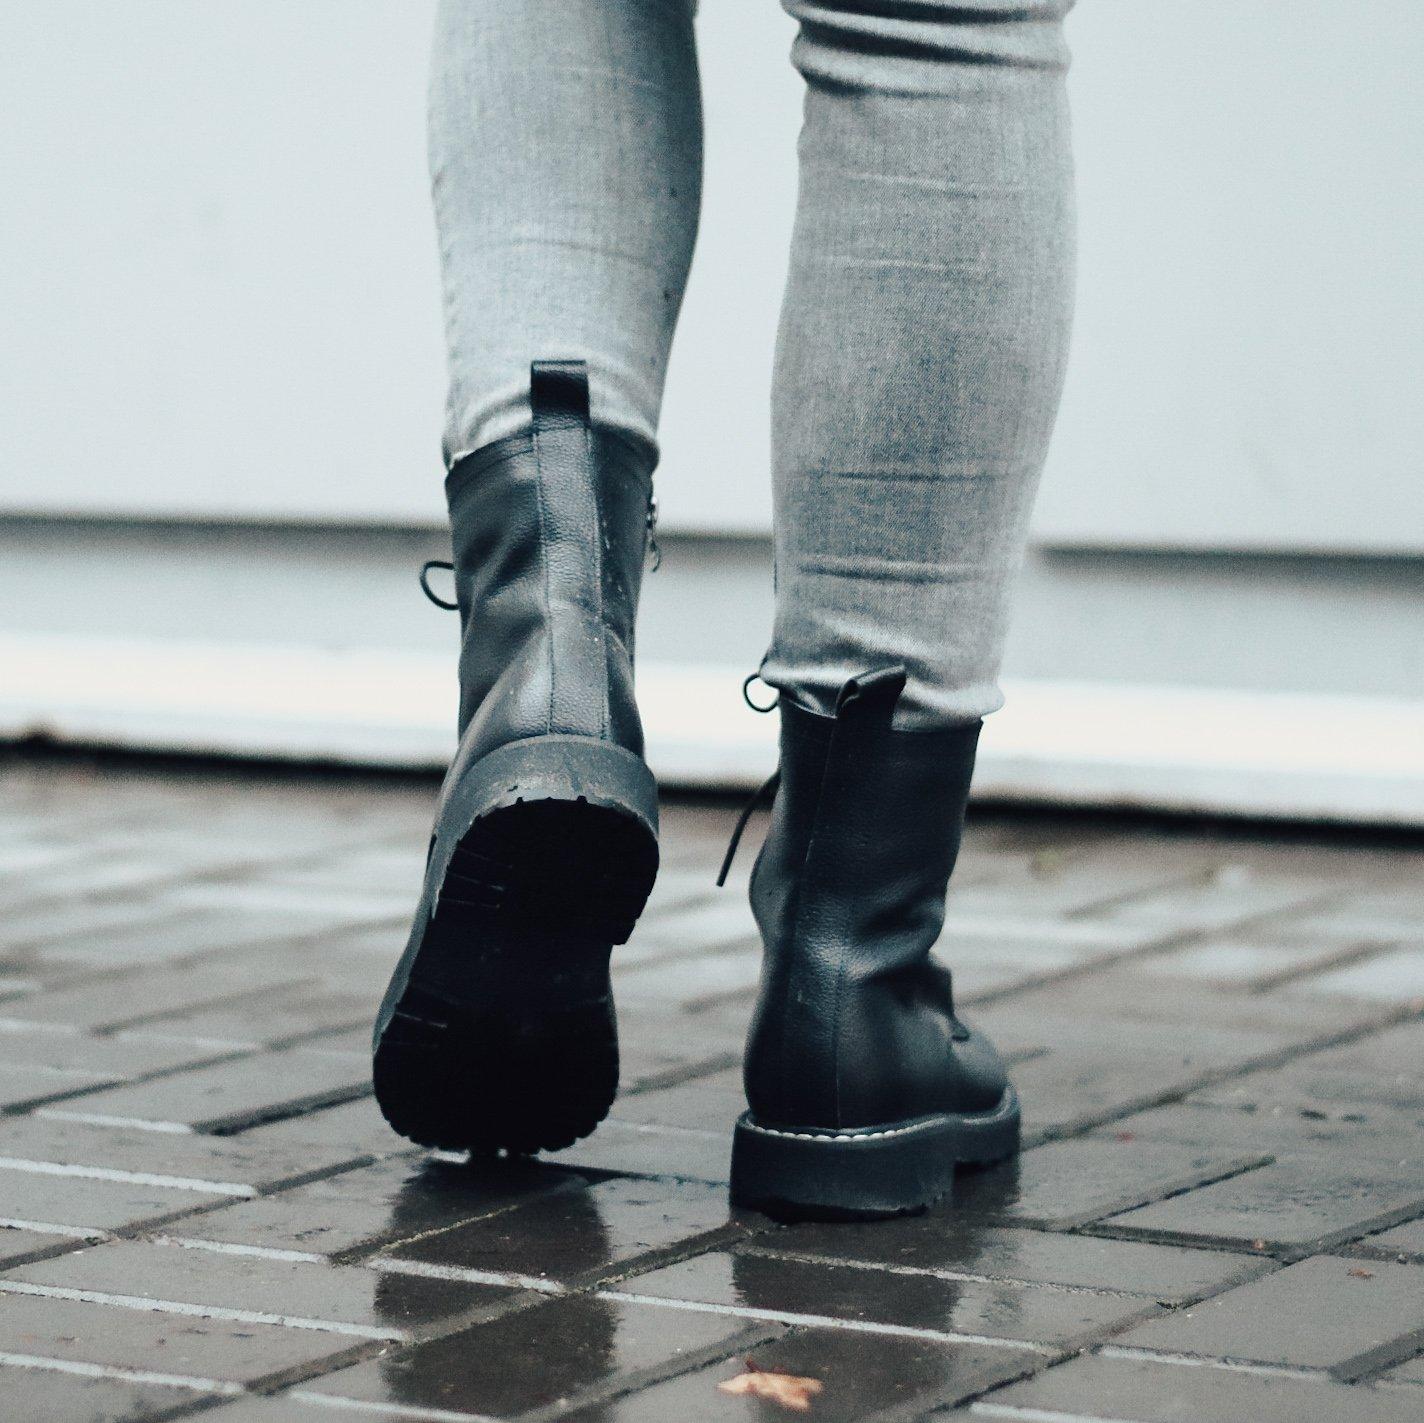 Ботинки из натуральной кожи - обзор